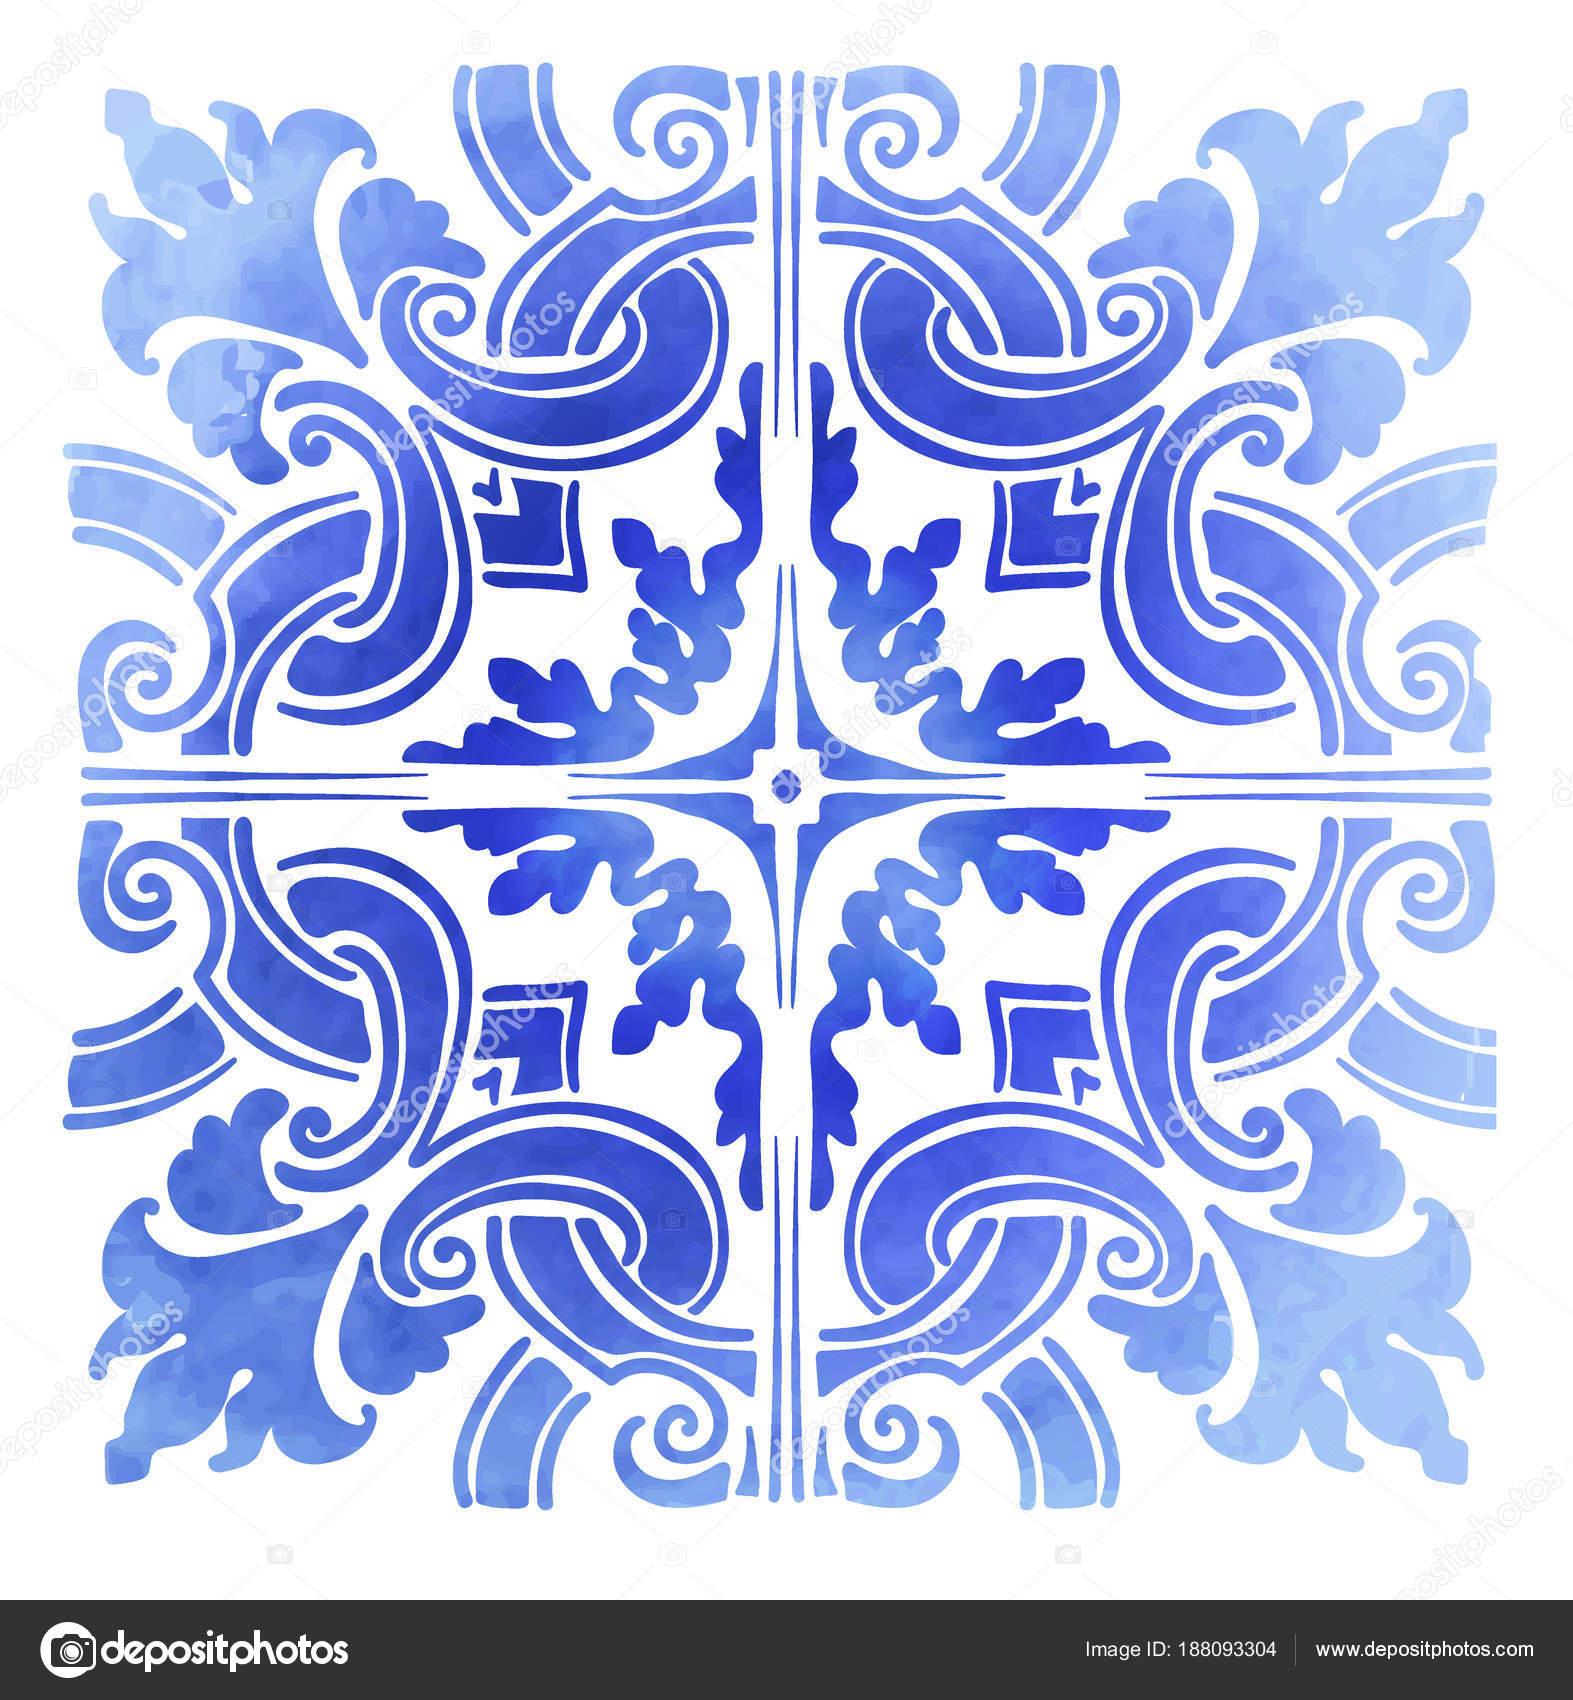 Azulejos portugueses aquarela vetores de stock yulianas 188093304 - Azulejos portugueses comprar ...